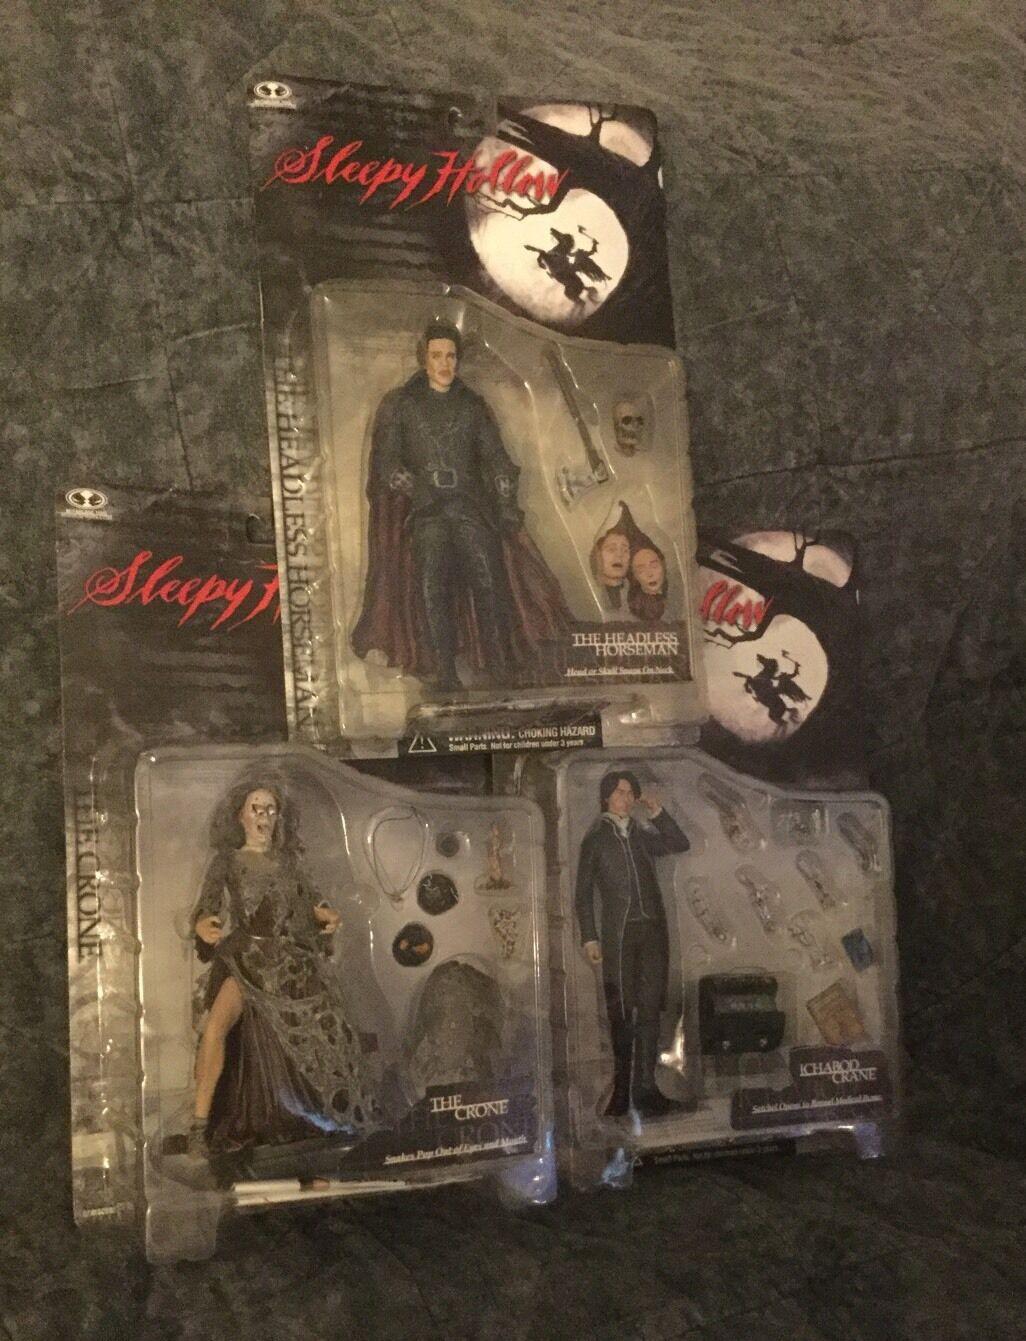 Lot Of 3 NEW Mcfarlane Sleepy Hollow Figures. Ichabod Crane, Horseman, The Crone